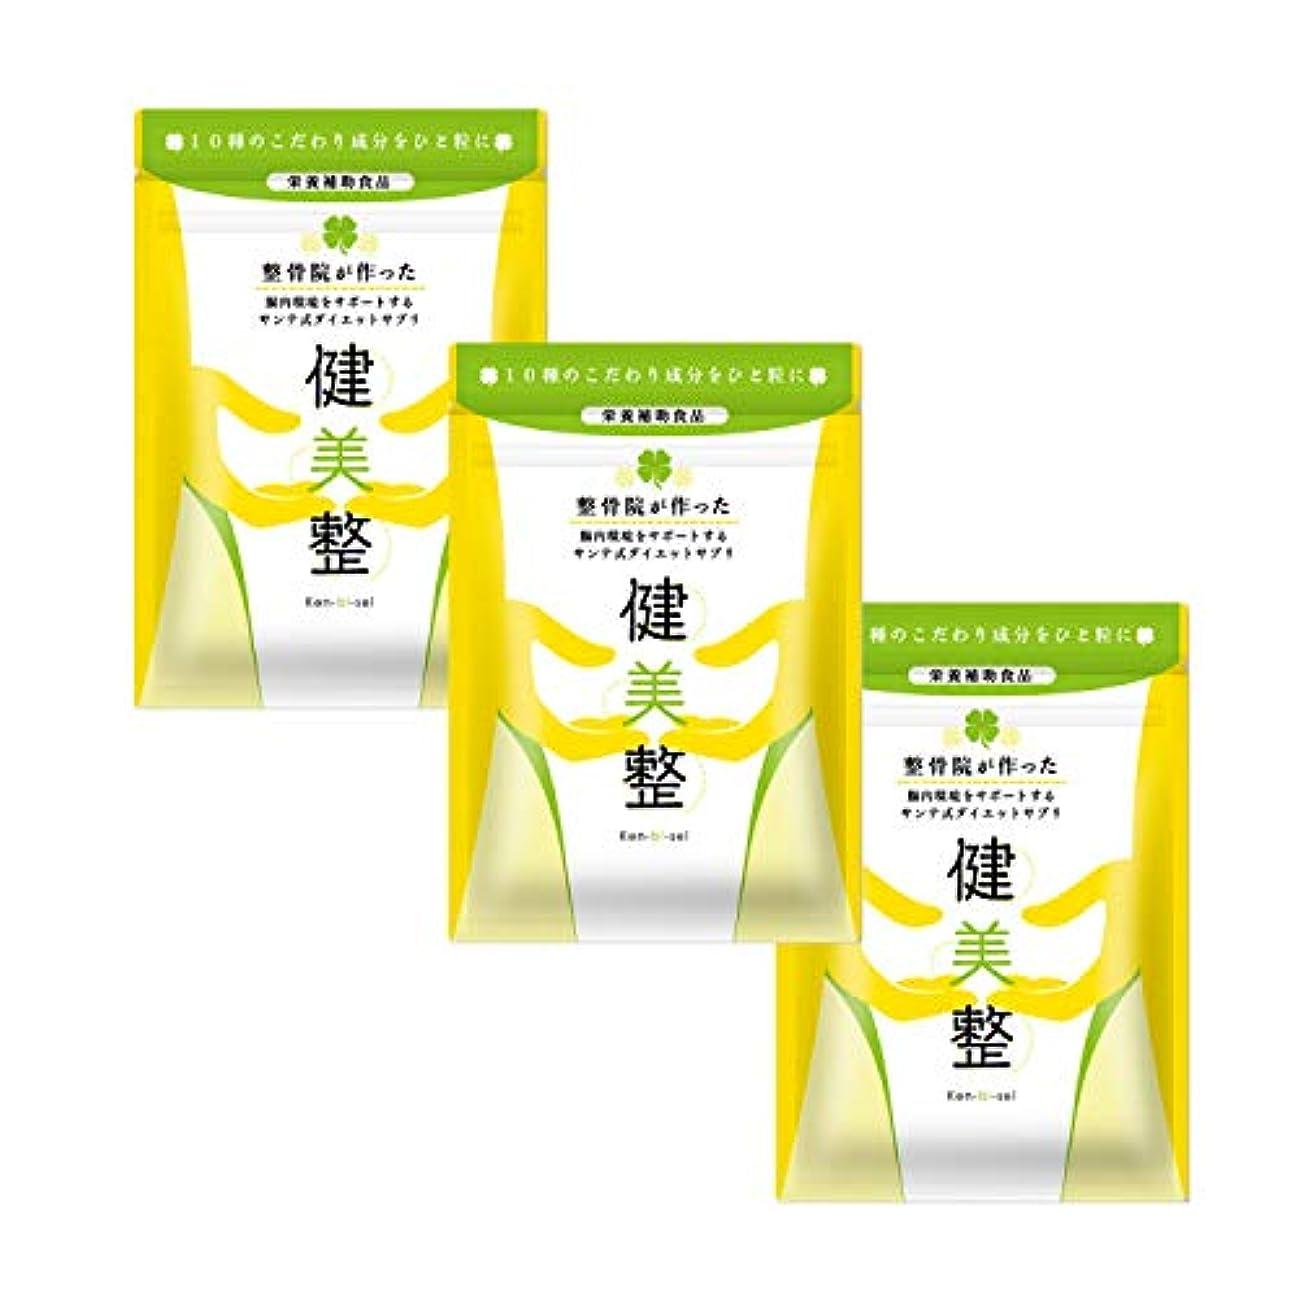 アーカイブ稚魚割合サプリメント ダイエット 酵素 腸内 健美整 人気 腸内環境 60粒1か月分 (3)